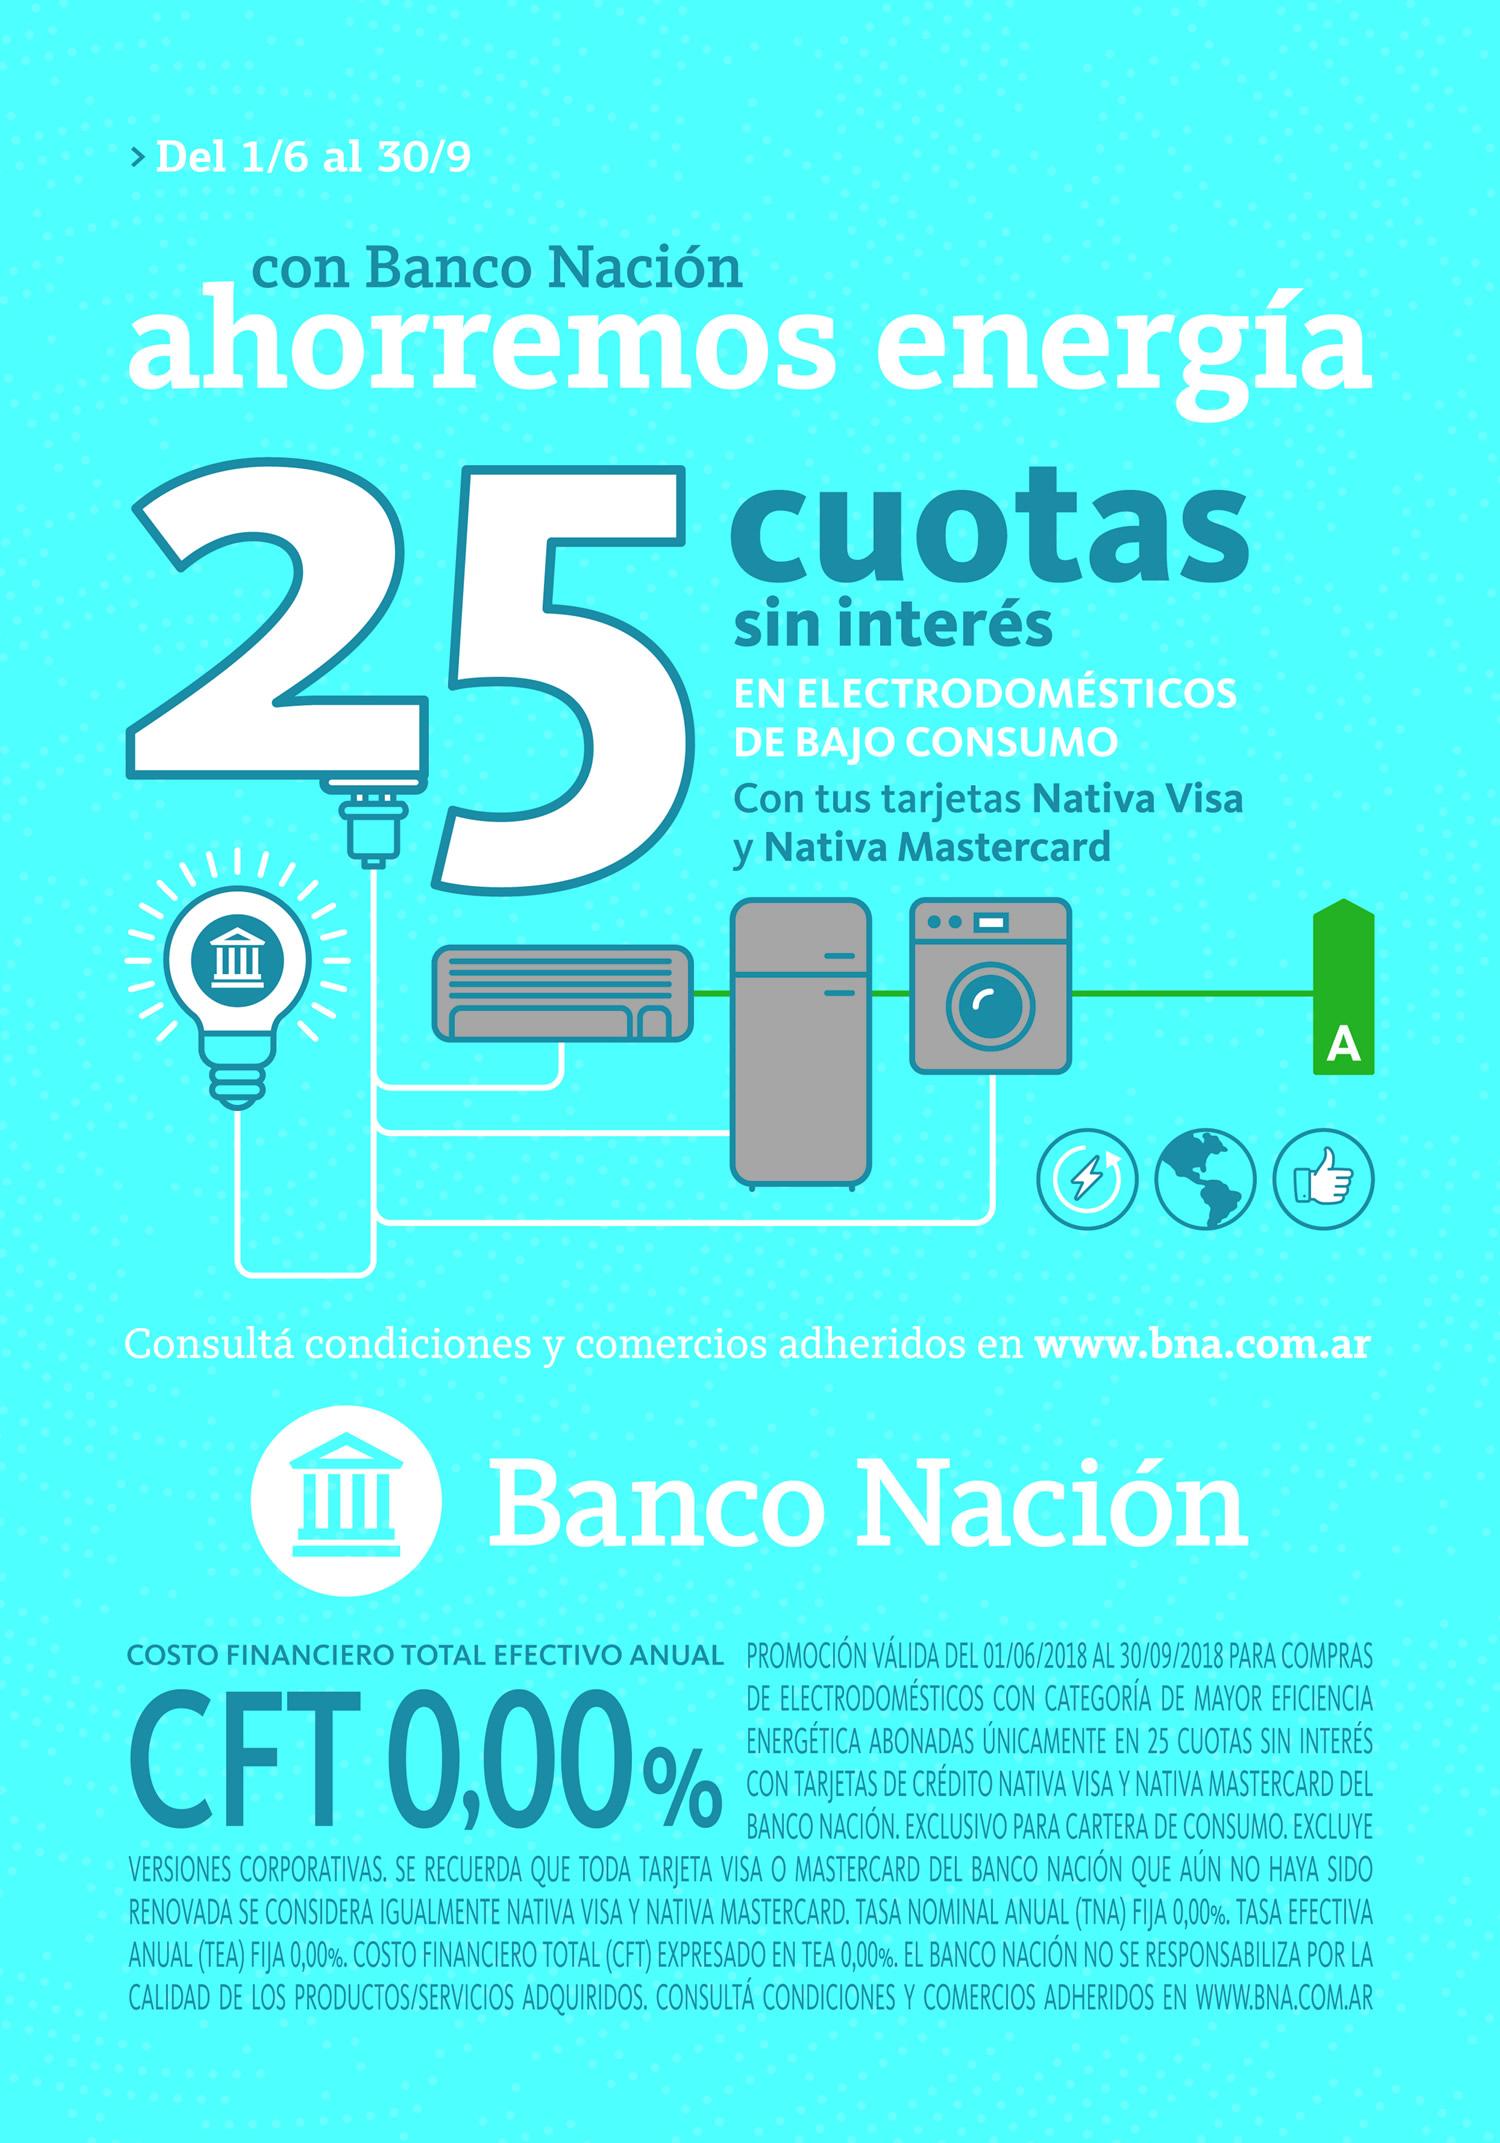 25-cuotas-ahorro-energetico-septiembre-100x70-2